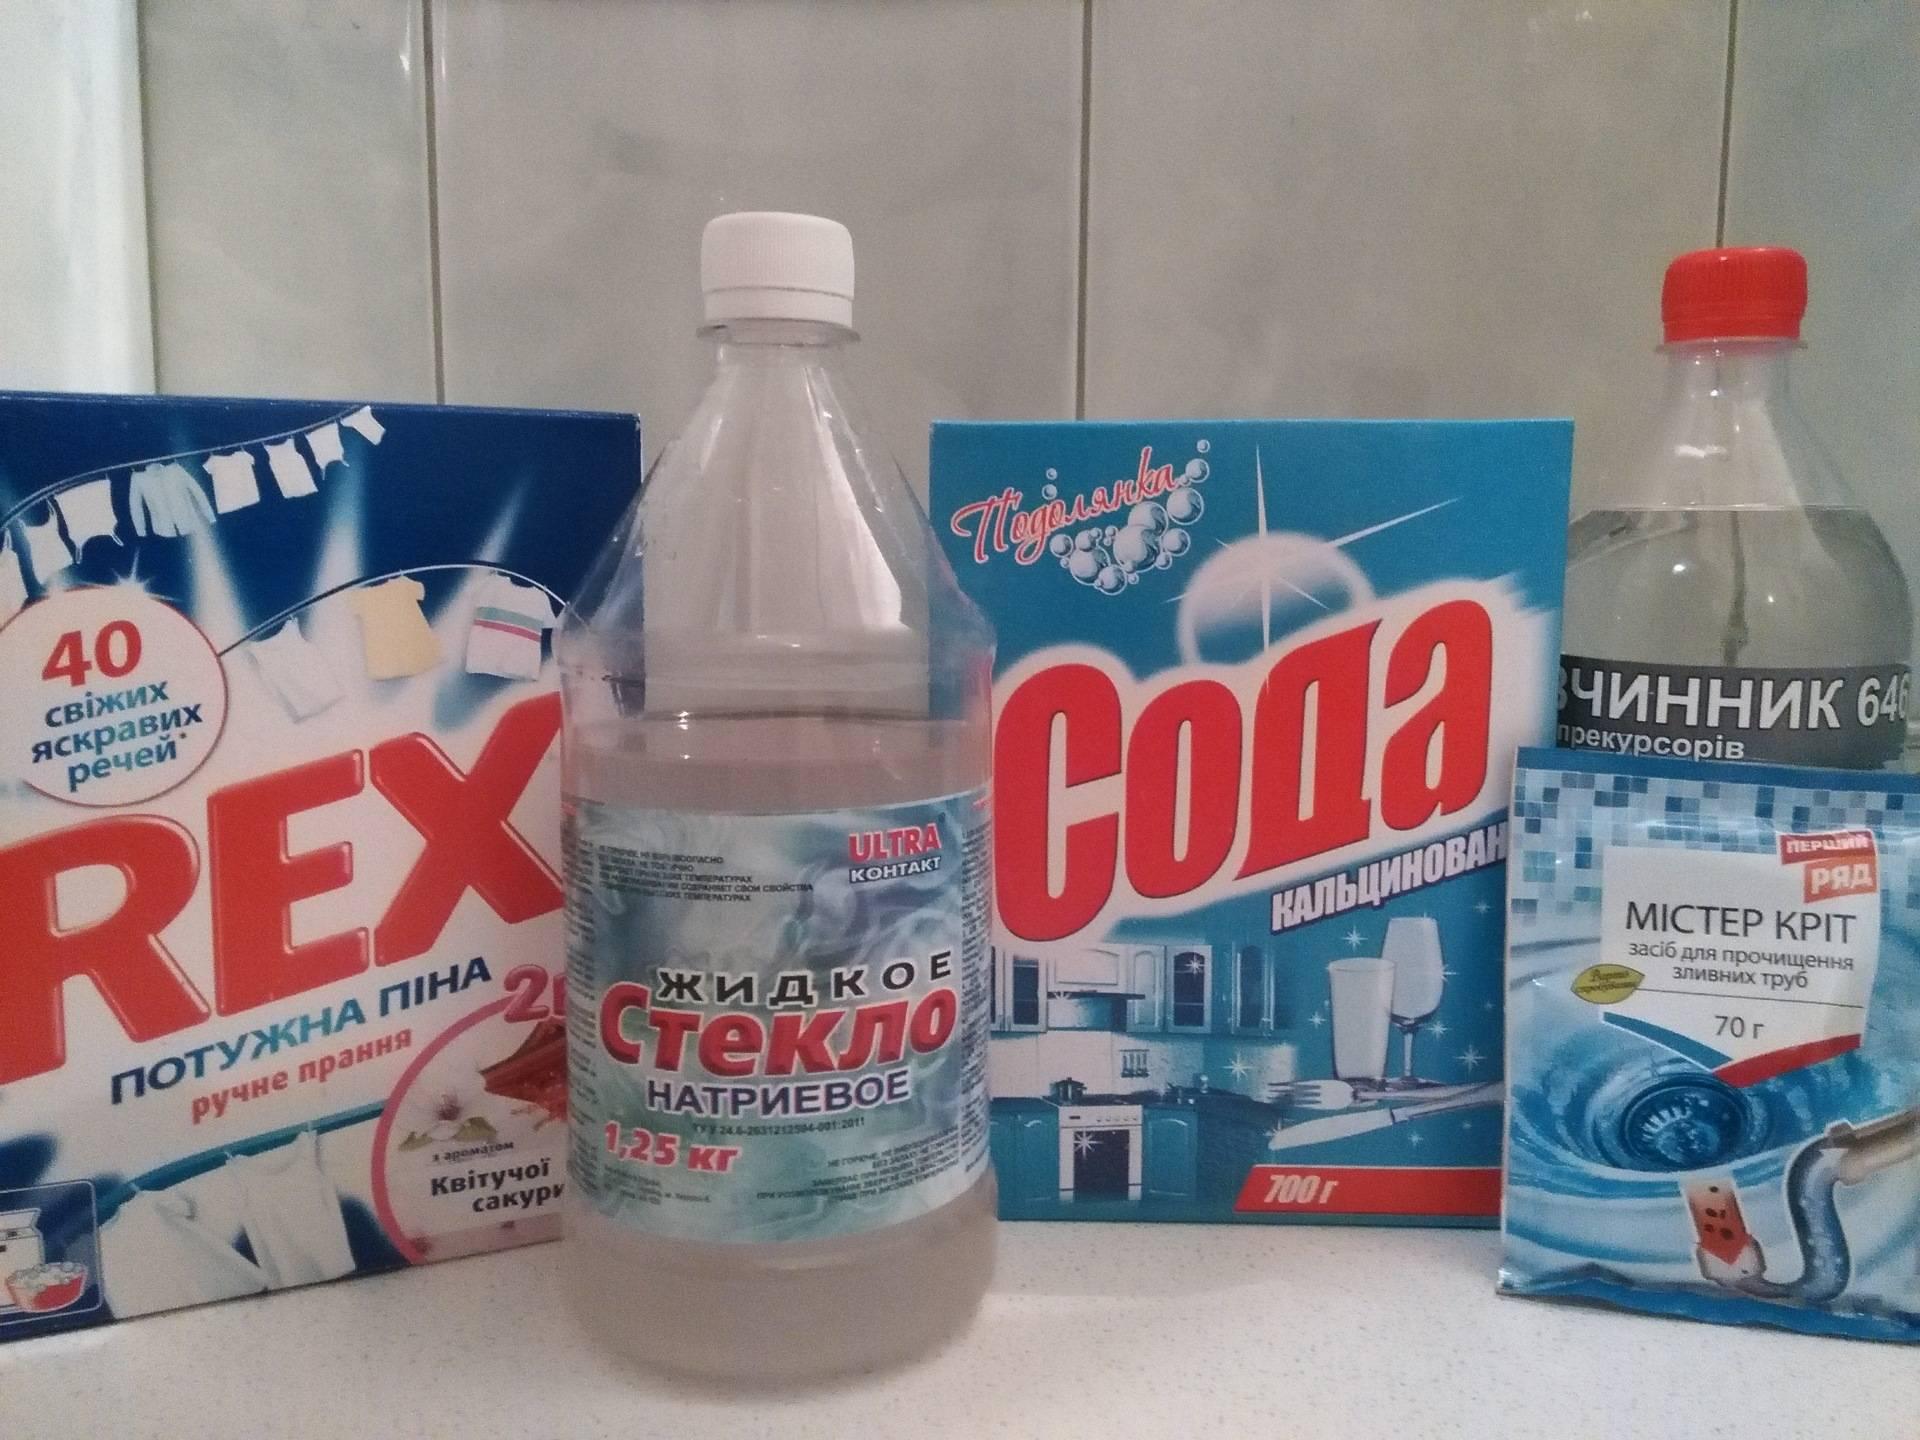 Как почистить алюминий от окисления в домашних условиях